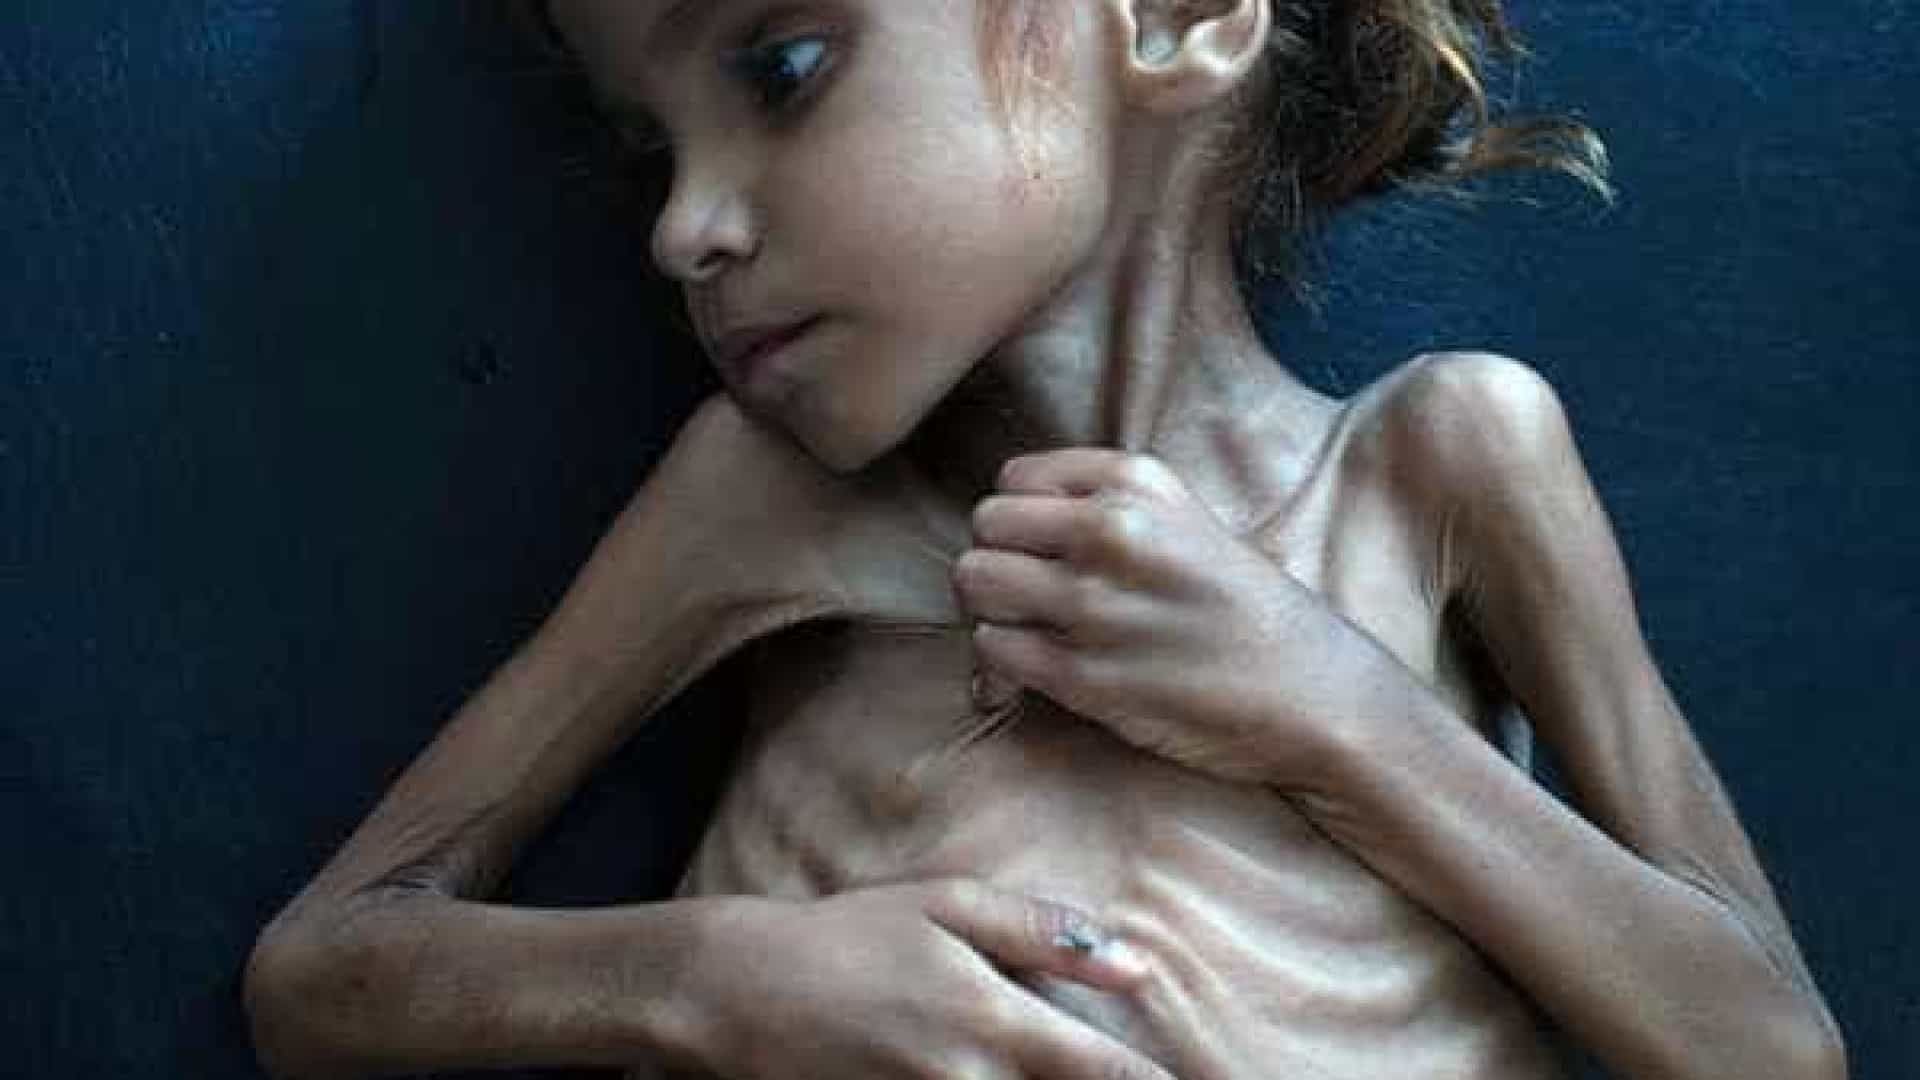 Morre menina símbolo de crise humanitária no Iêmen